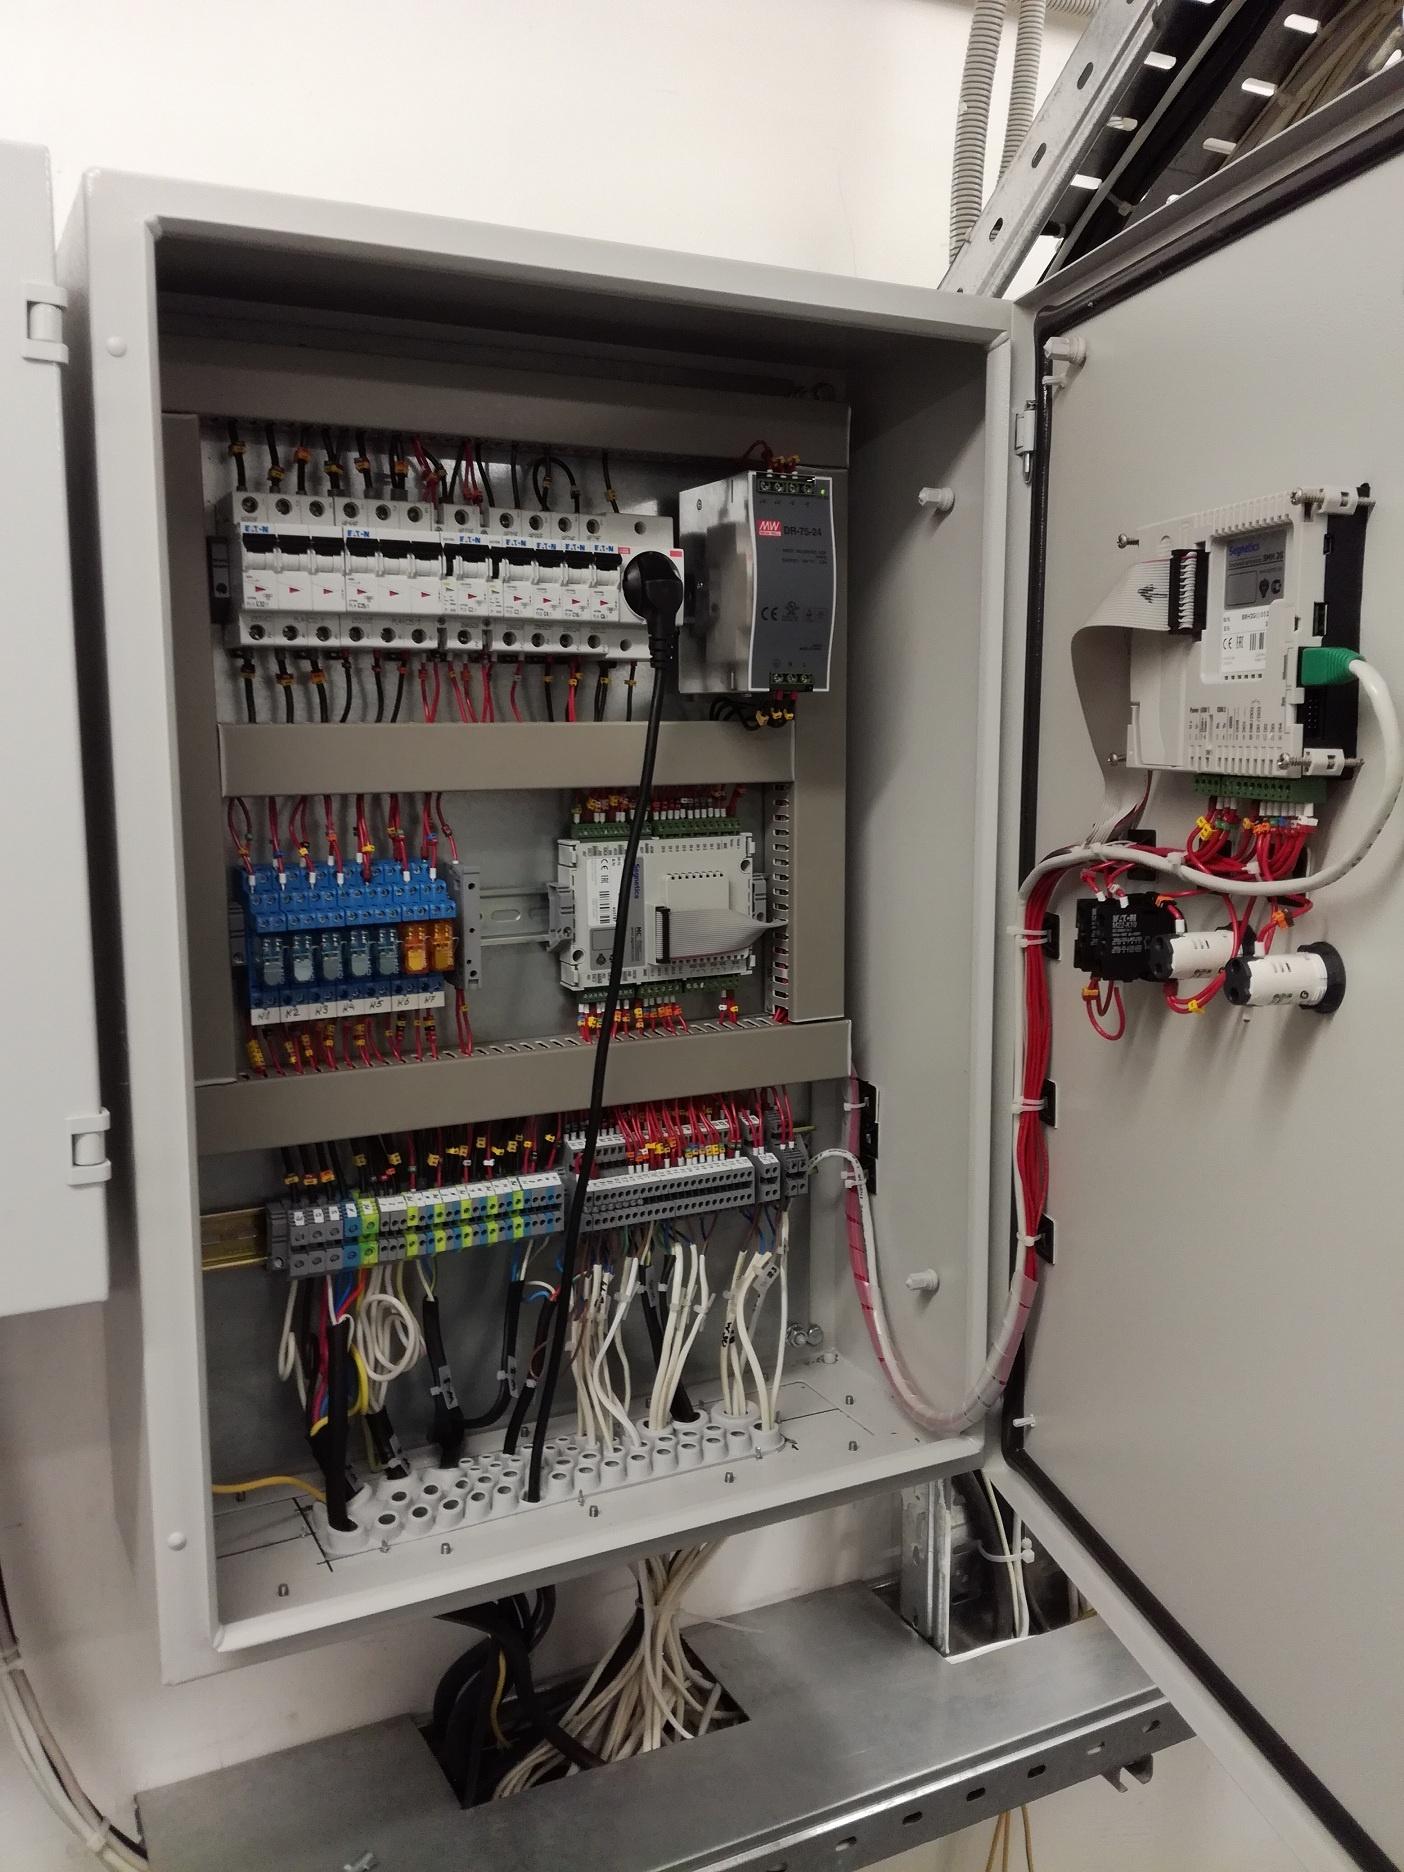 ПЛК от производителей Овен, Segnetics и Schneider Electric для HVAC - 7